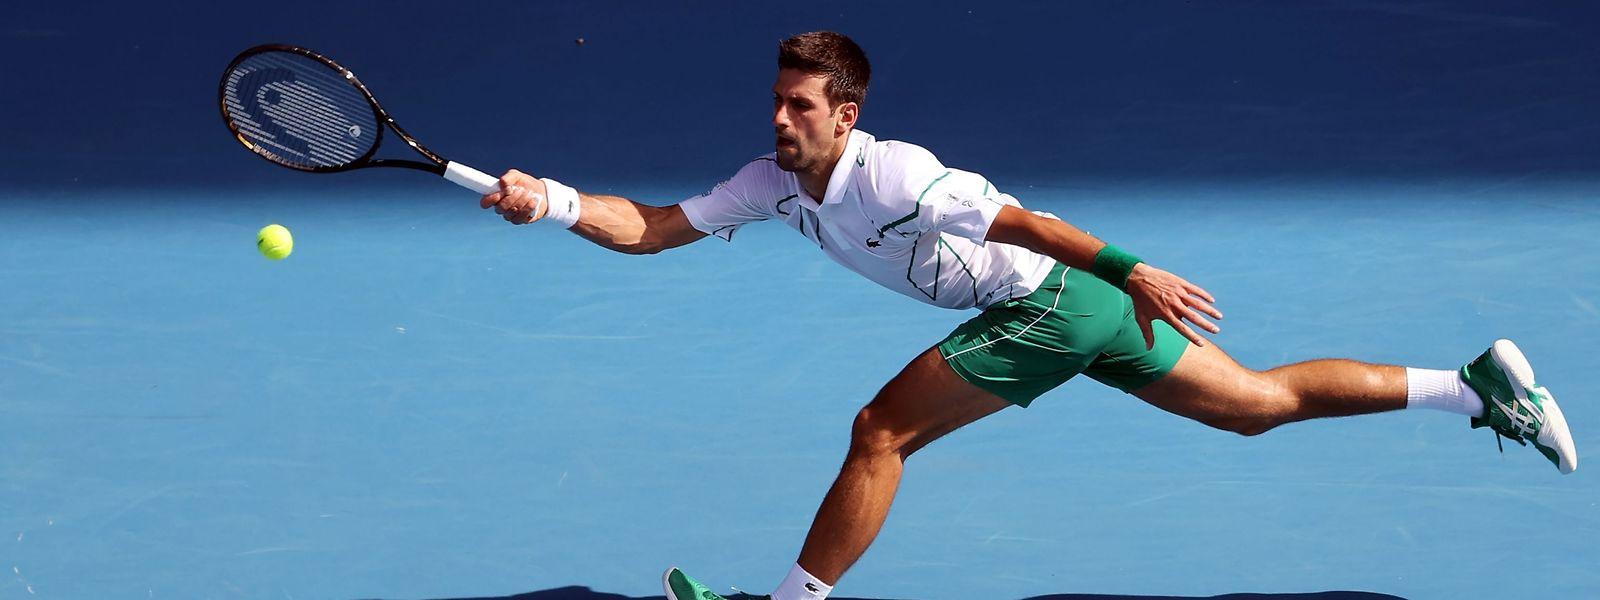 Novak Djokovic ließ Diego Schwartzman keine Chance.